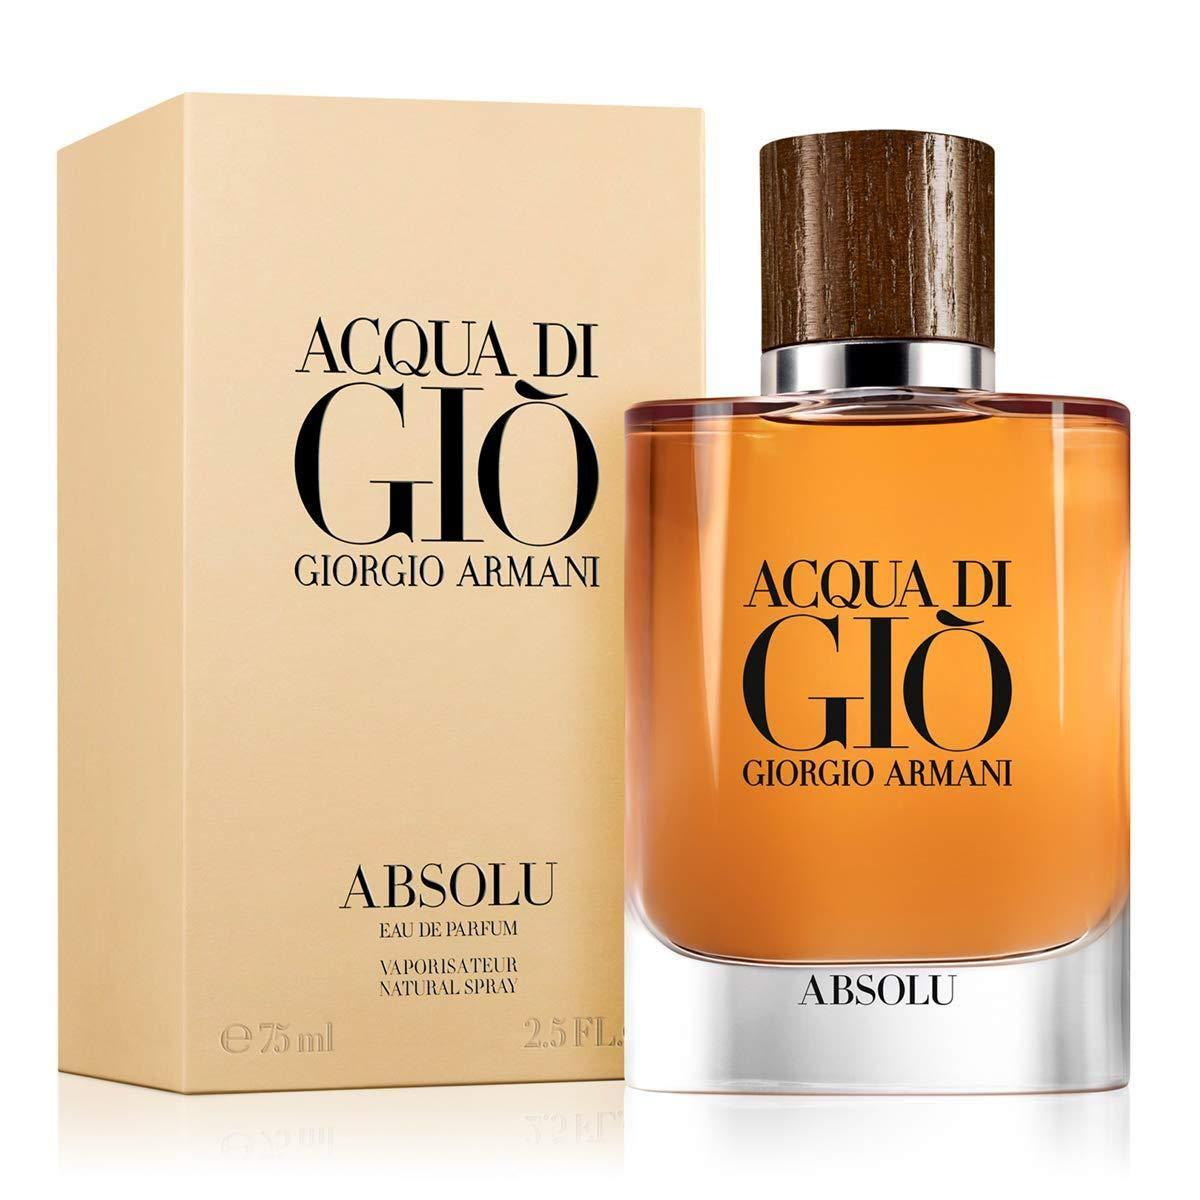 Emporio Armani Acqua di Gio Absolu Uomo Agua de Perfume - 40 ml: Amazon.es